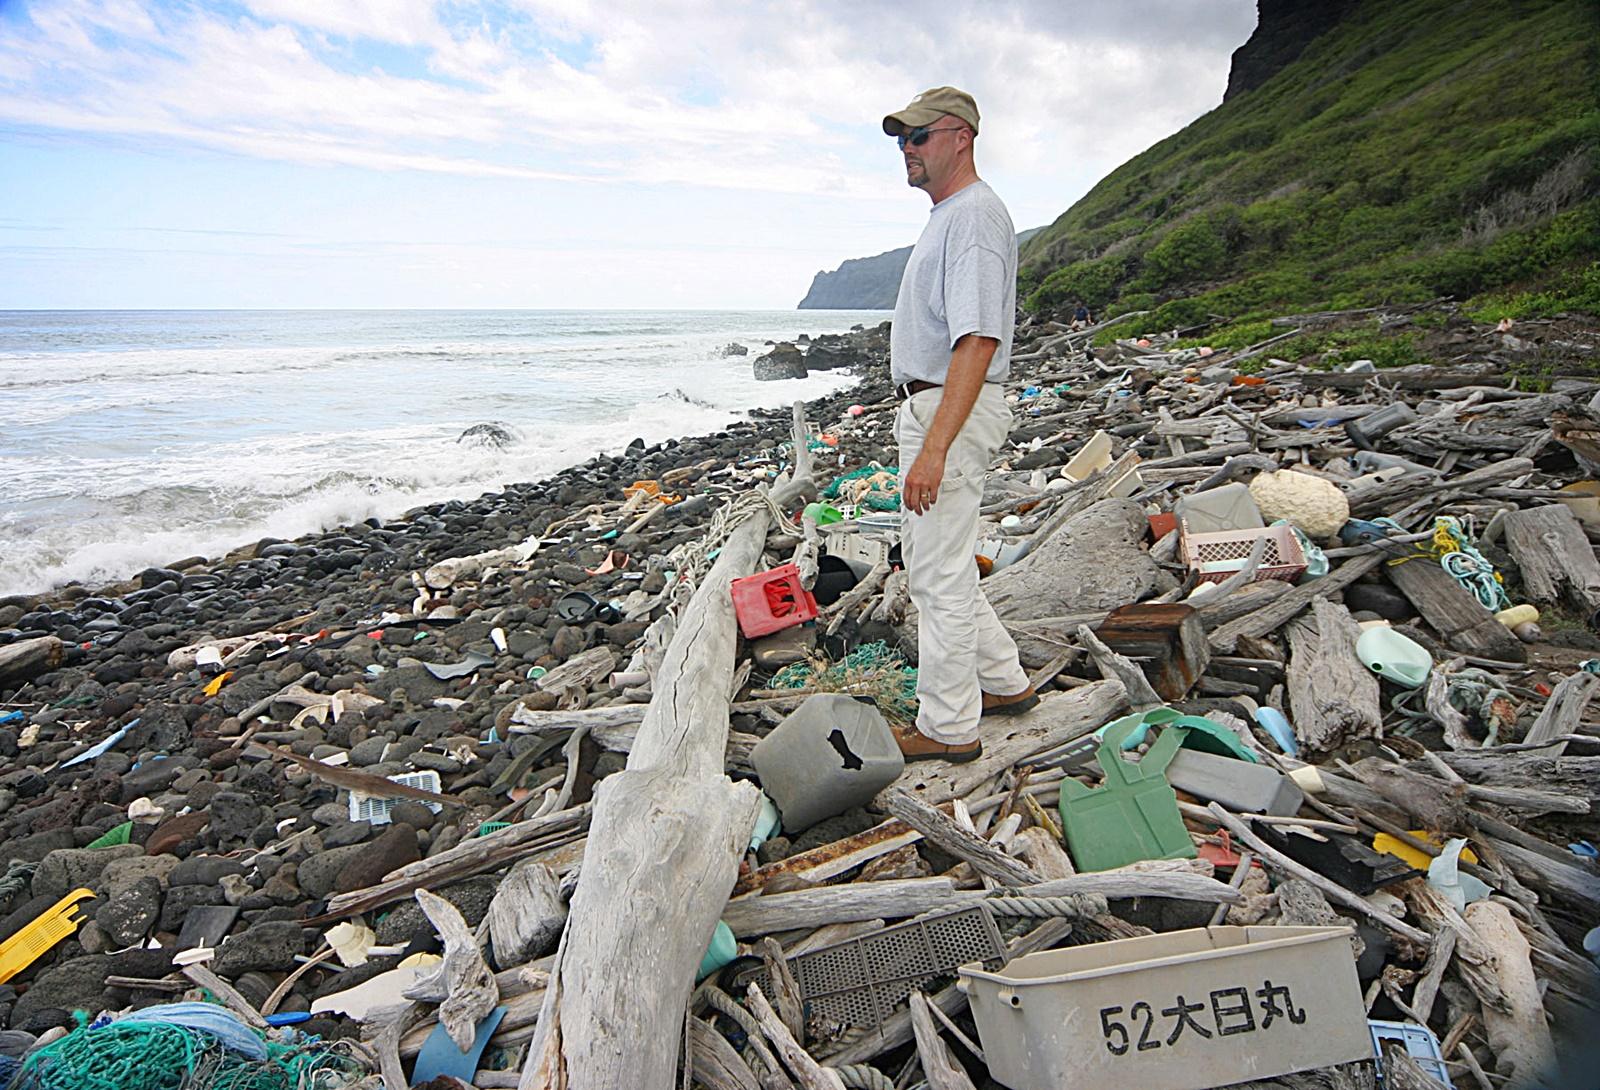 바다 쓰레기 장면